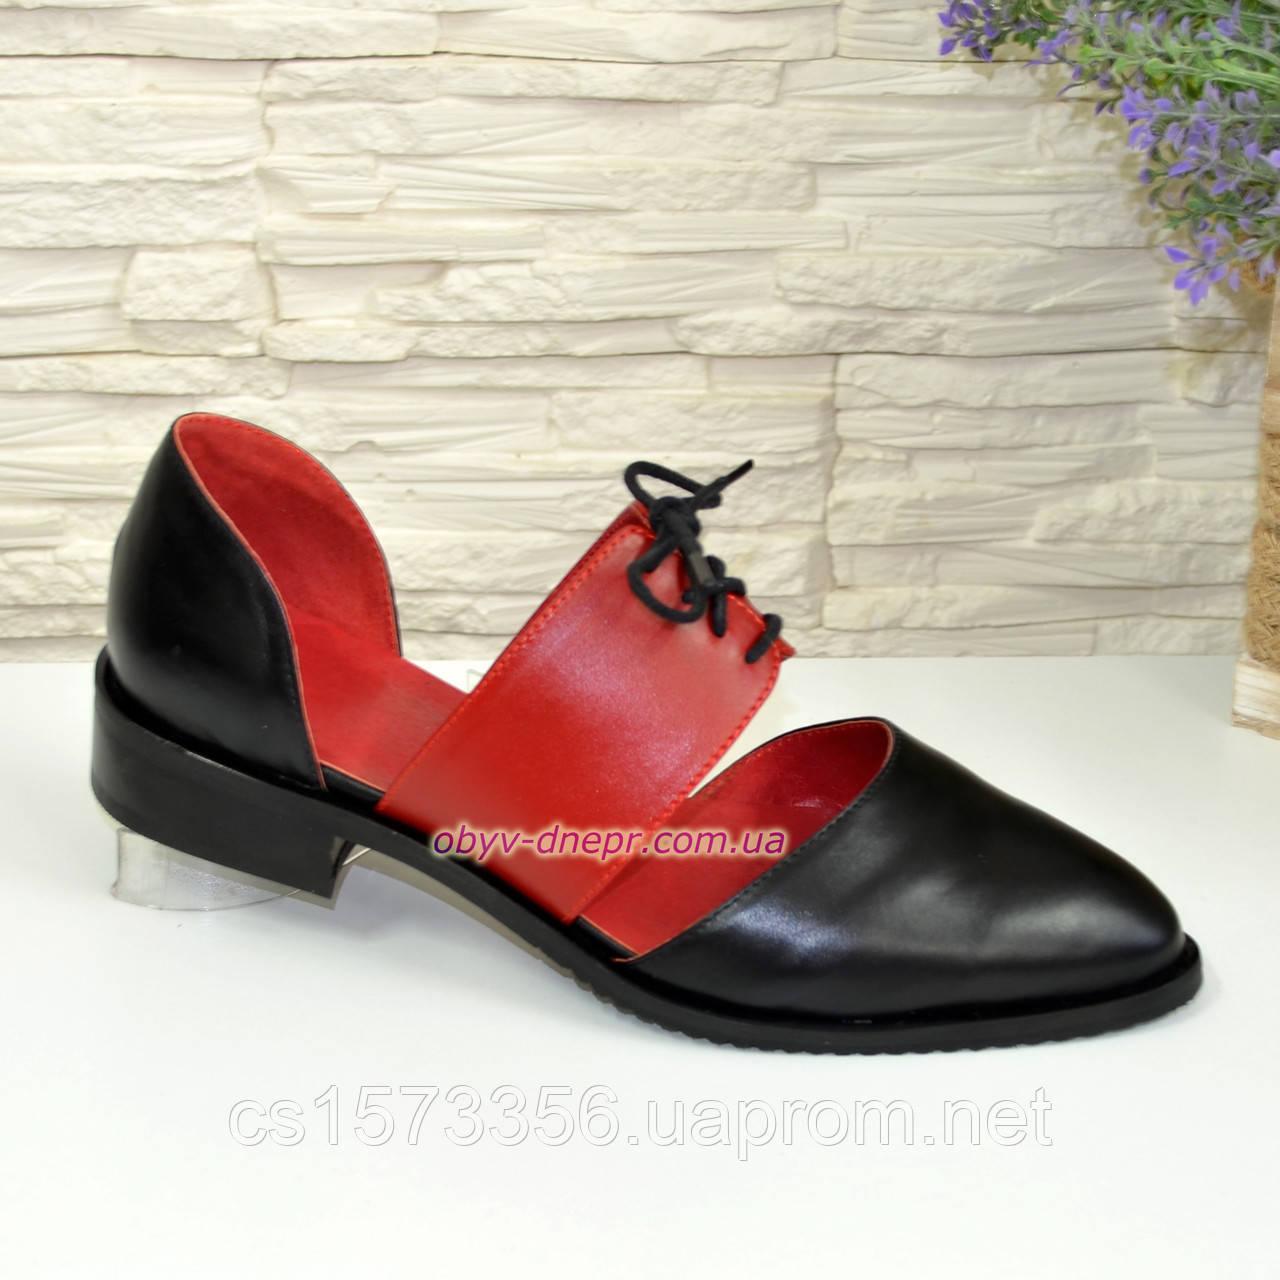 Стильные женские кожаные туфли на низком ходу, цвет черный/красный